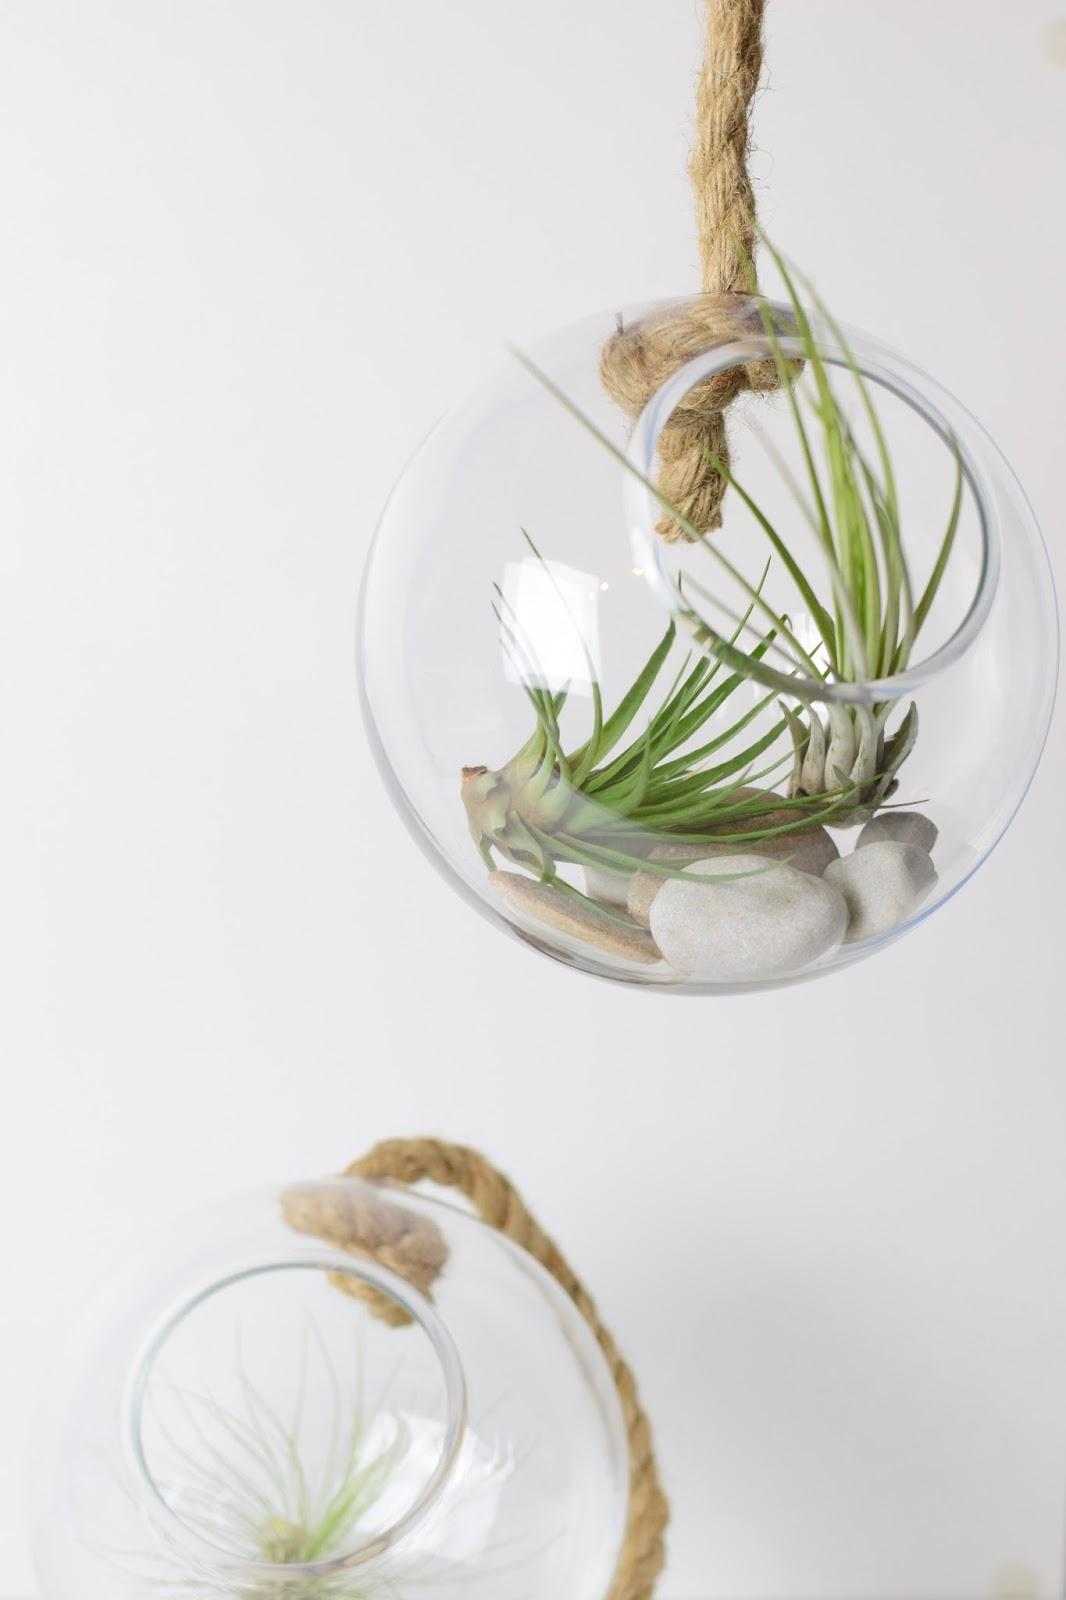 Tillandsien Kaufen zimtzebra airplants meine tillandsien im glasball